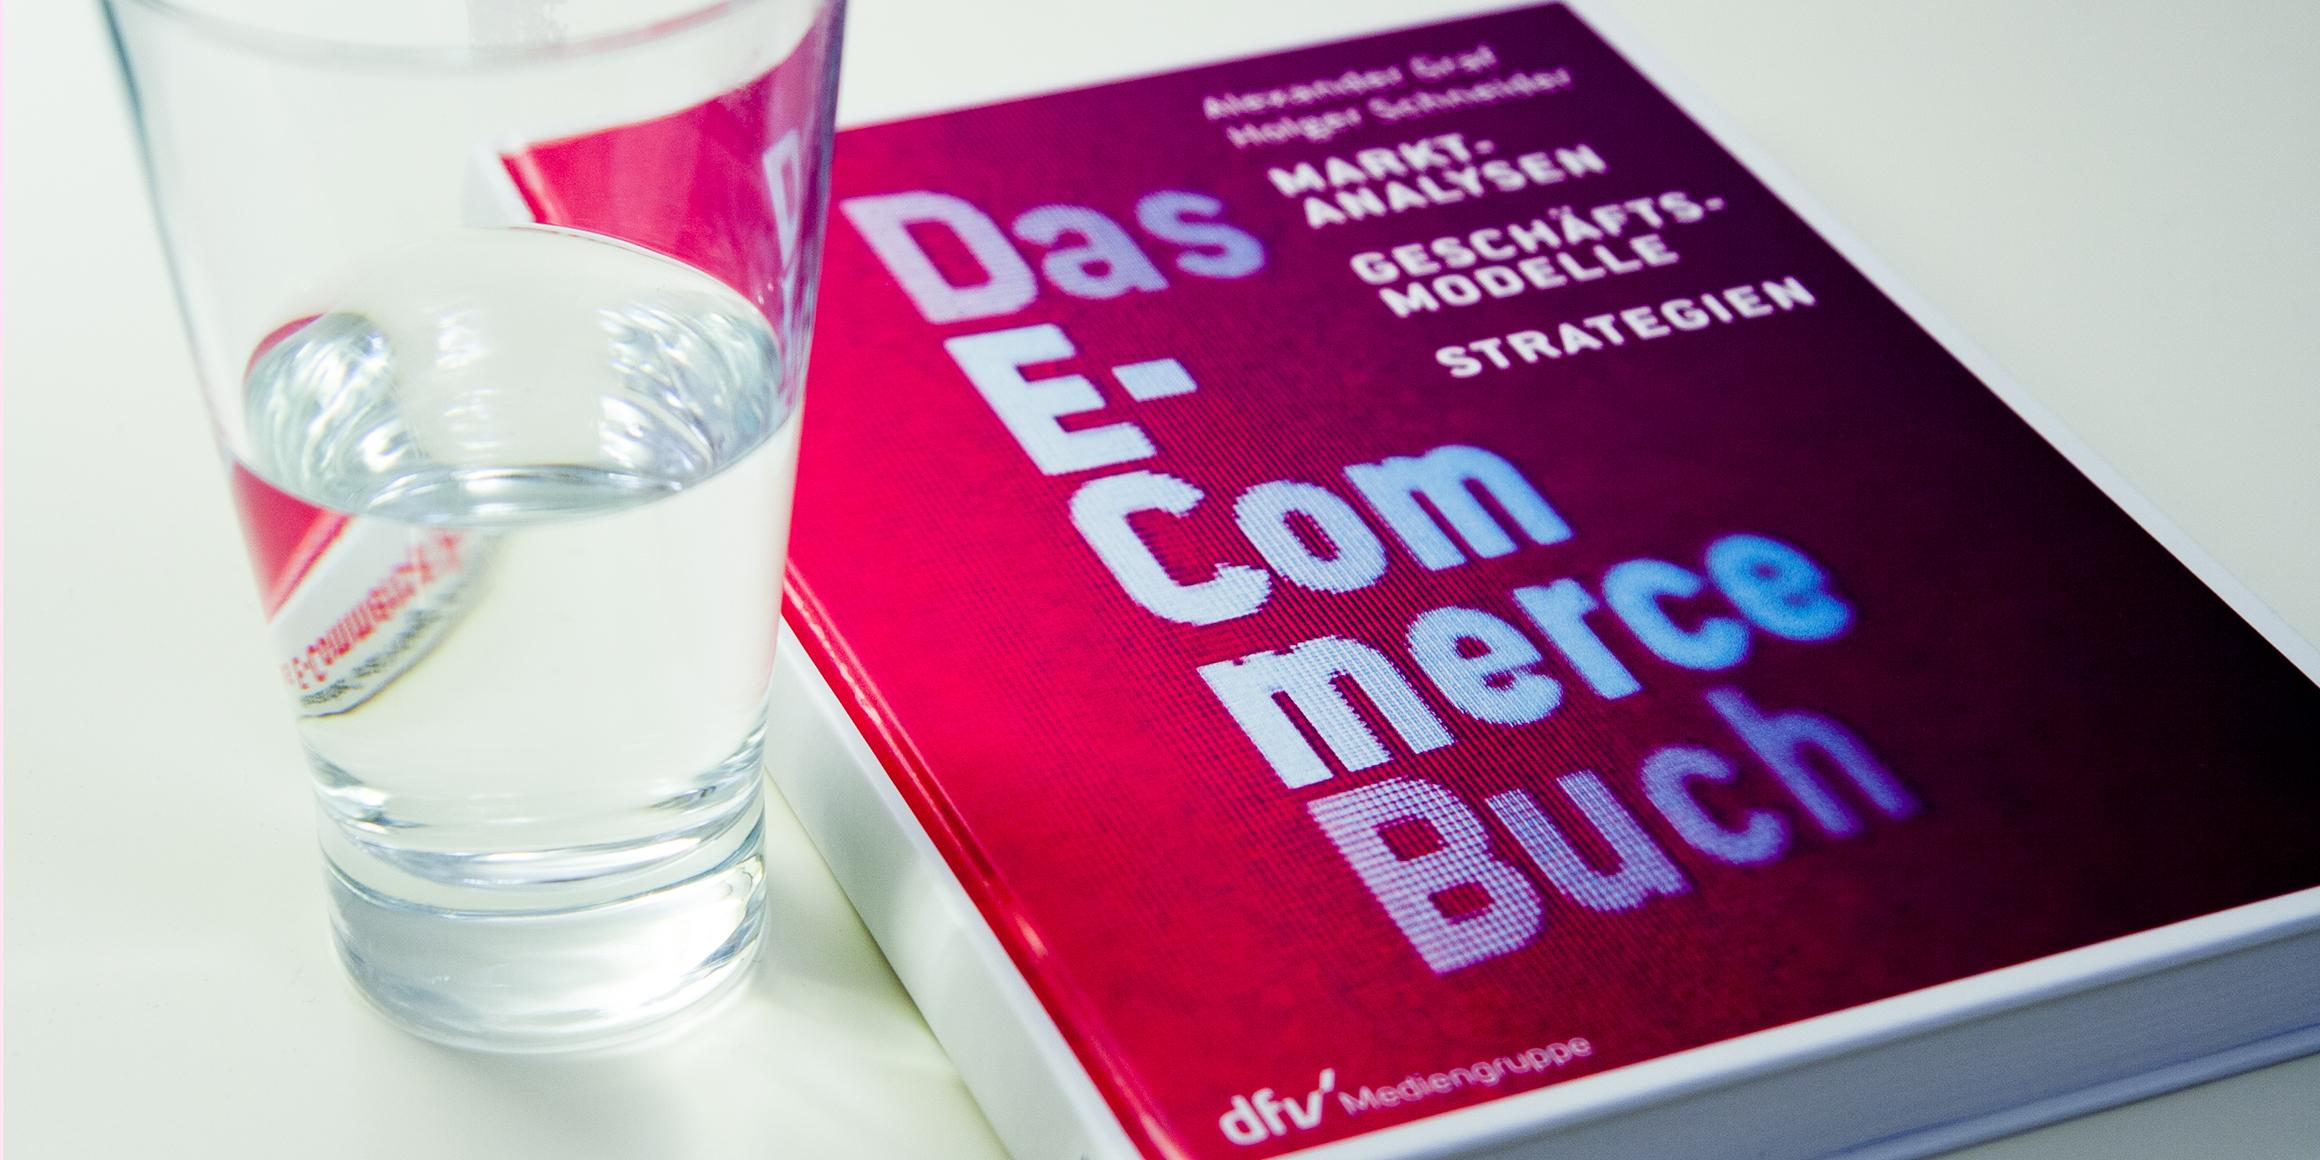 Das E-Commerce Buch: Theorie trifft Praxis